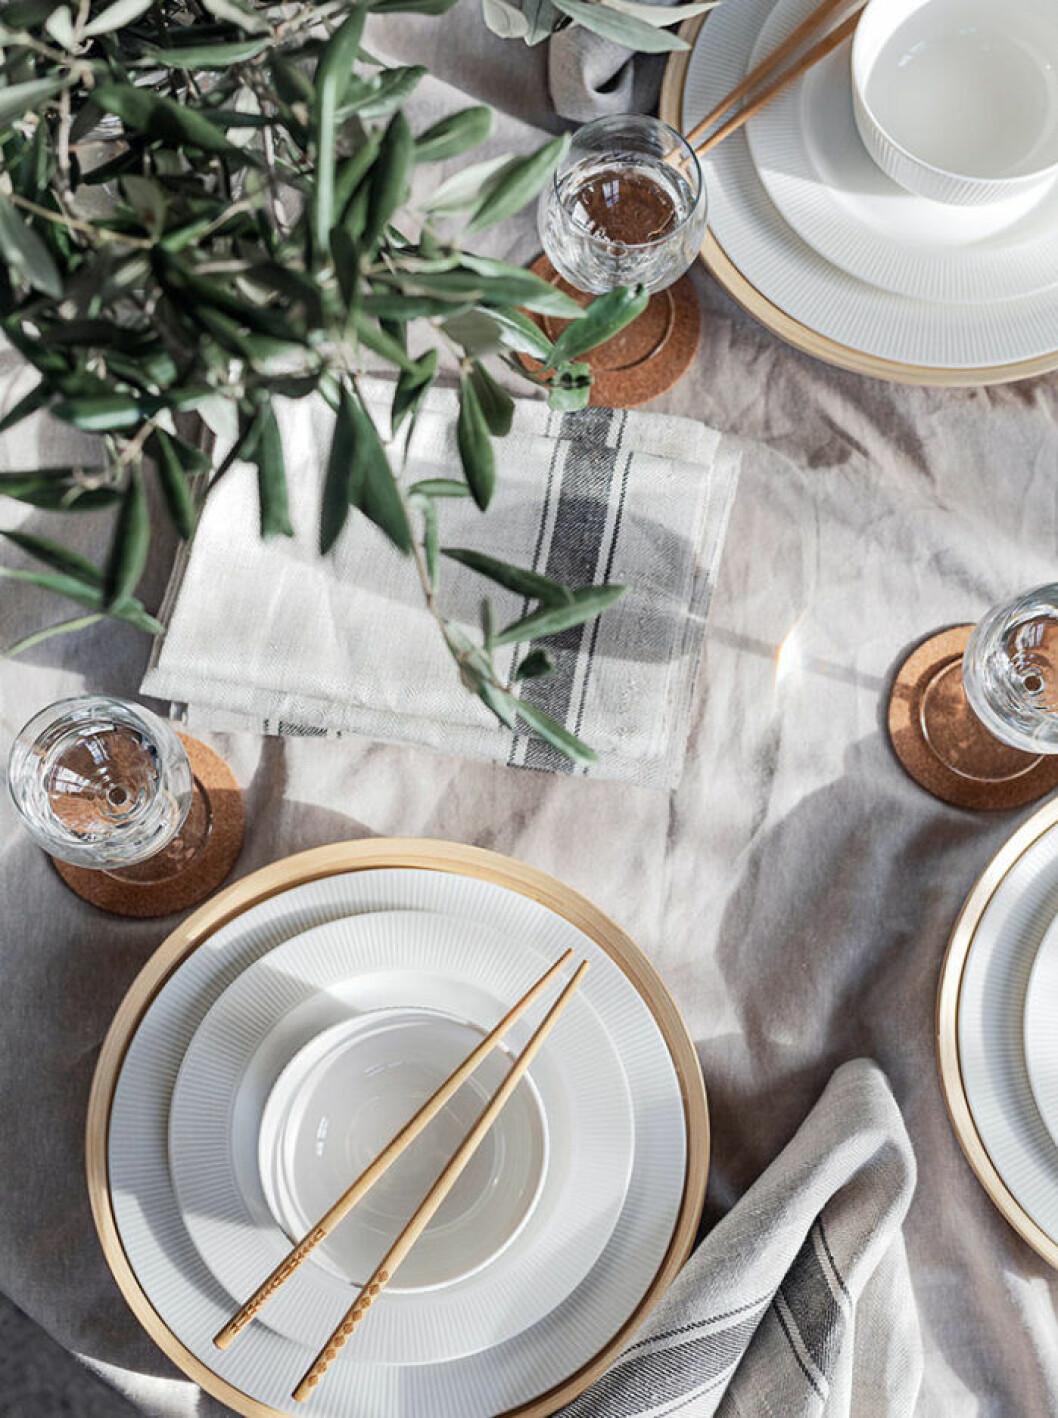 En enkel dukning som för tankarna till en restaurang kan vara ett sätt att känna sig extra ledig.